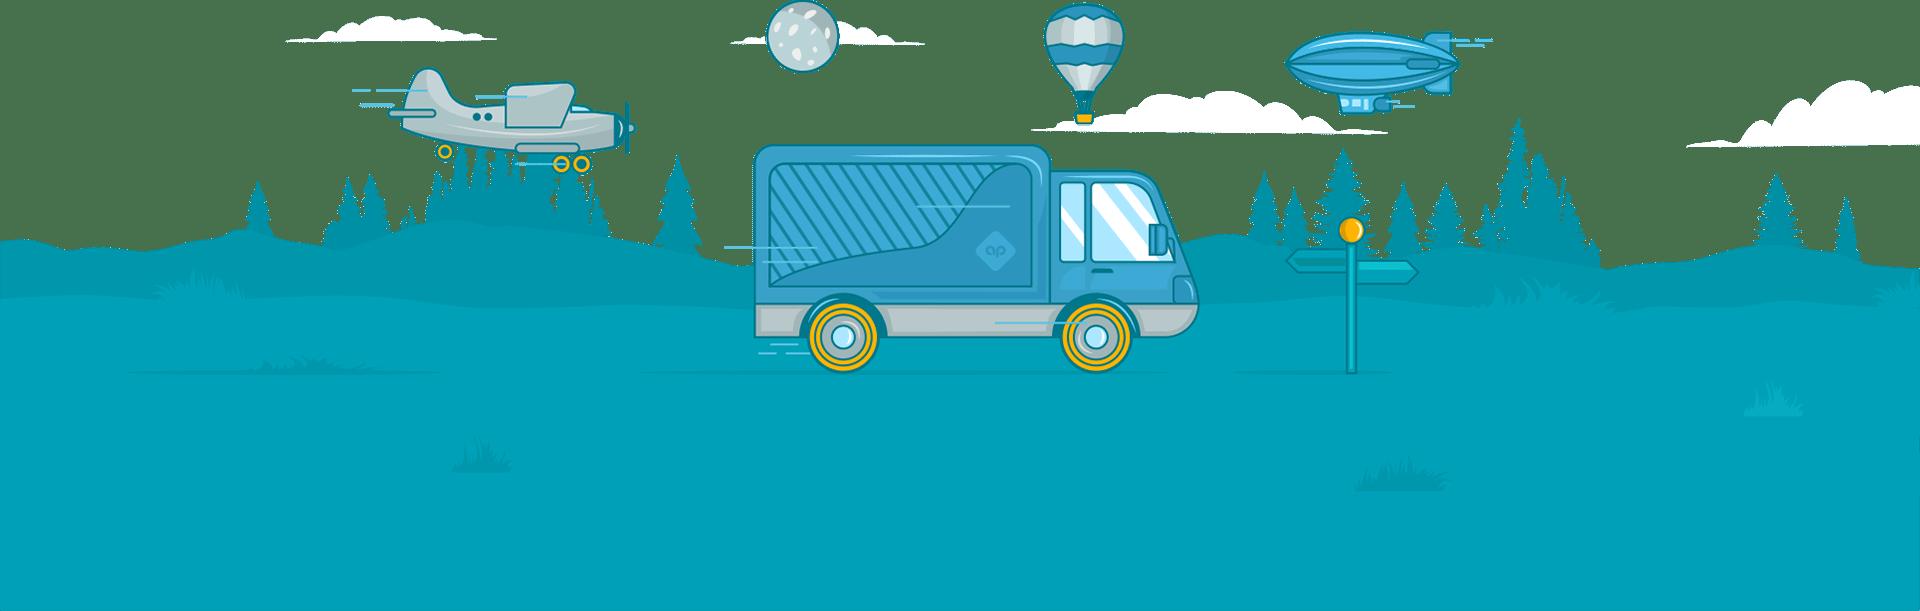 transport-ill-1